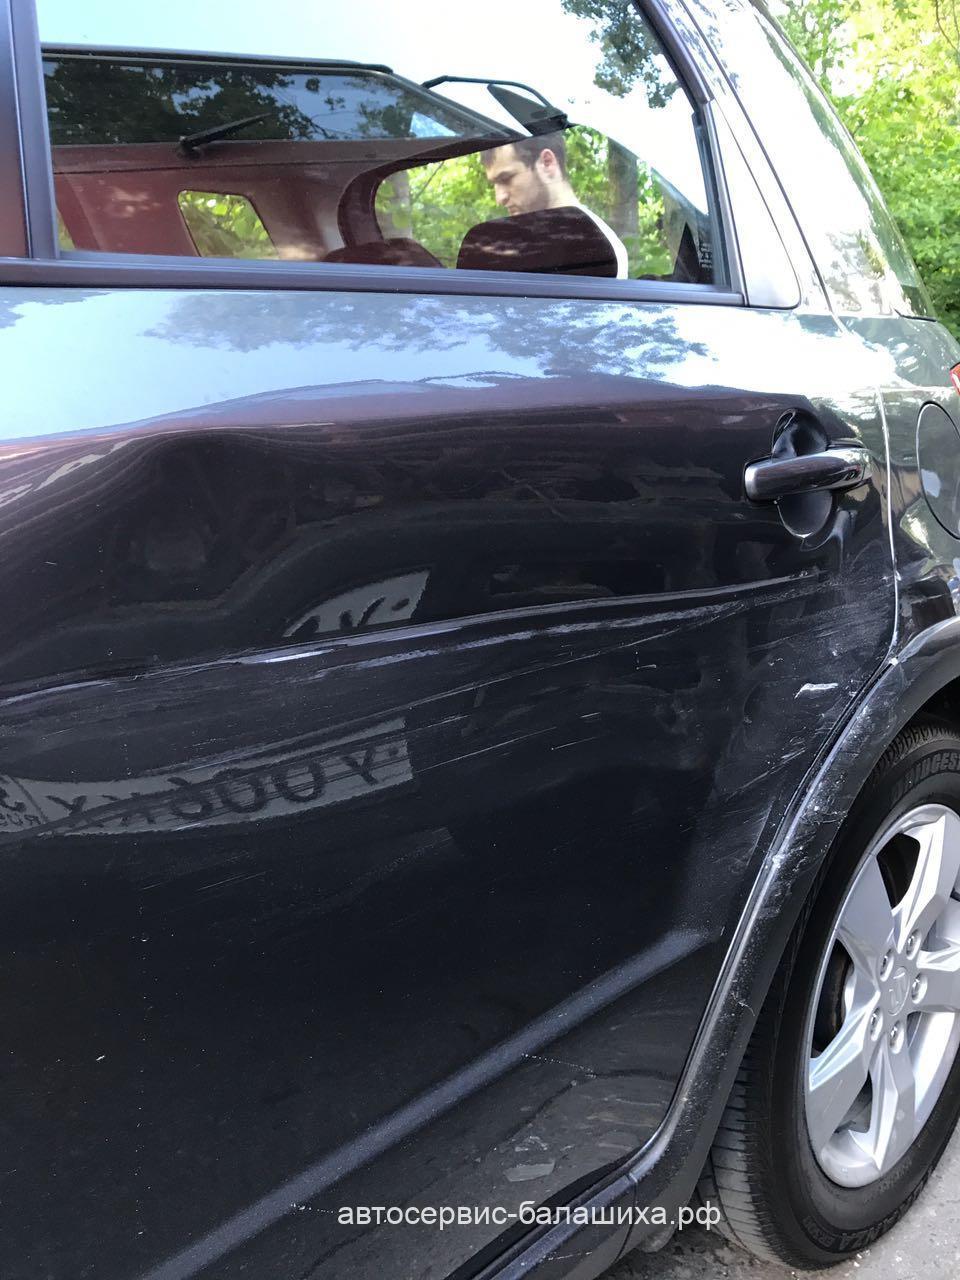 Suzuki SX4 2010 года кузовной ремонт задней левой двери и крыла